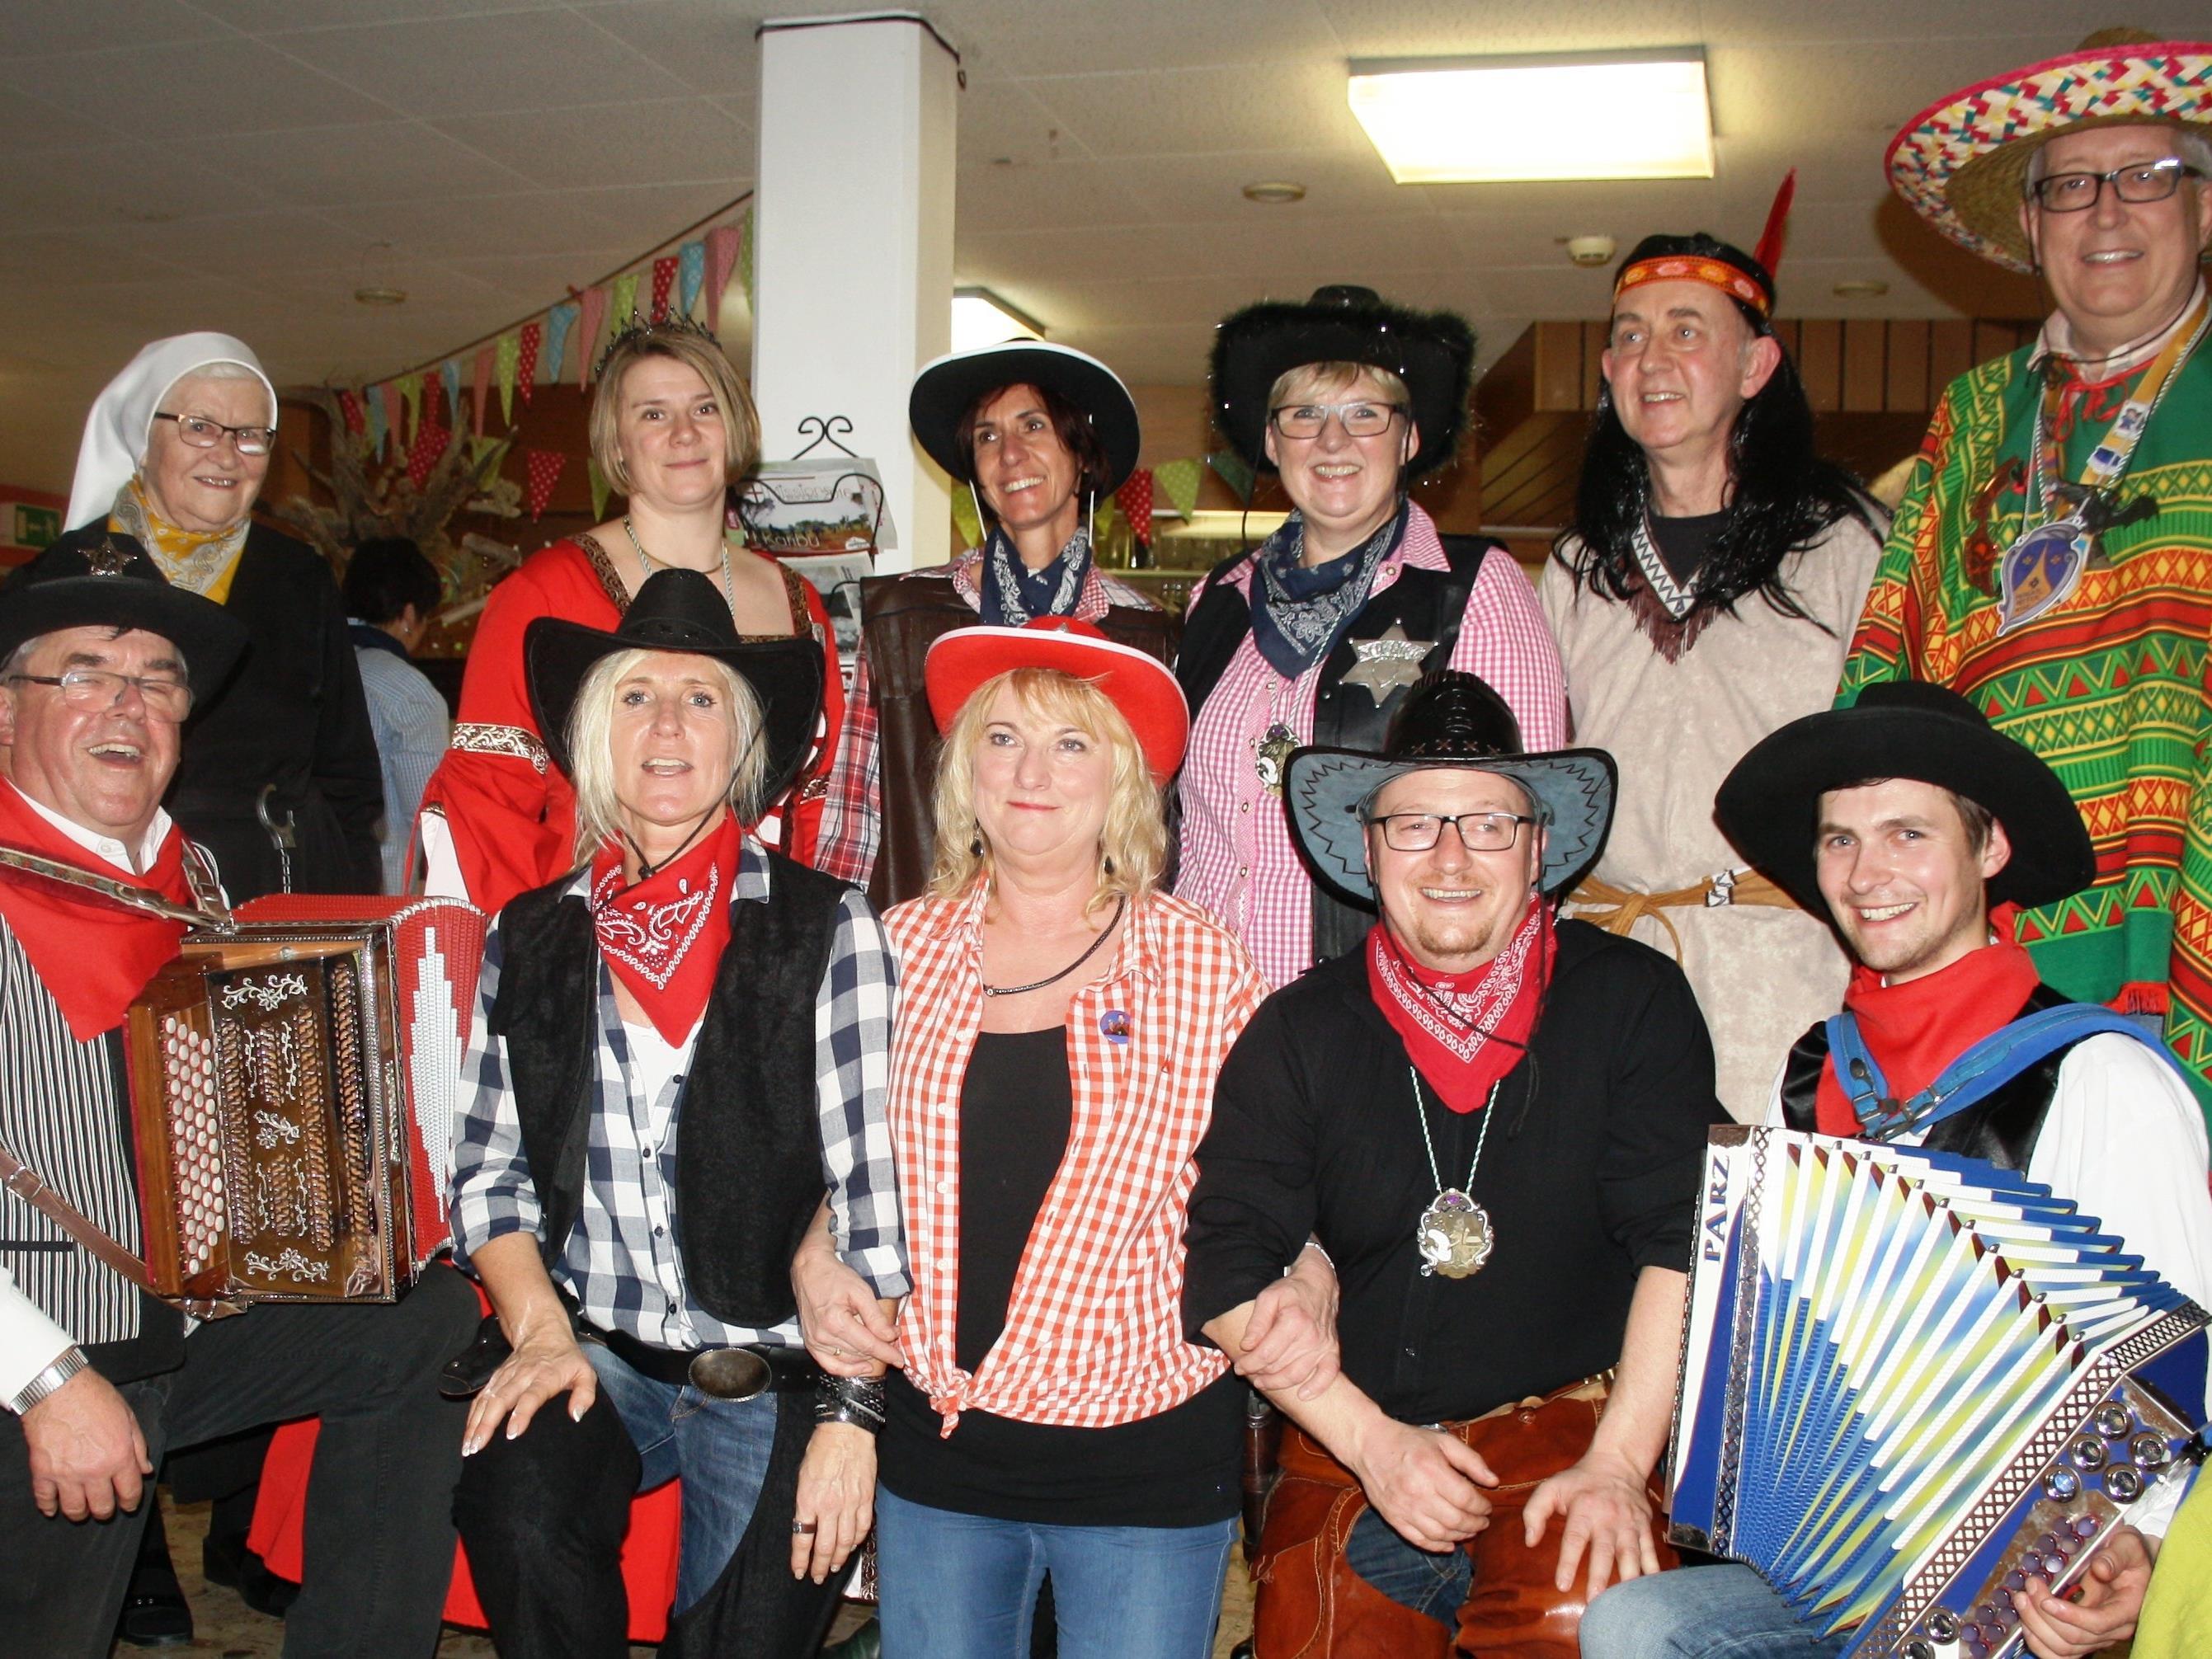 """Zusammen mit der närrischen """"Gemeindeprominenz"""" freute sich das Organisationsteam über ein bestens gelungenes """"Wild-West""""- Kaffeekränzle im Pflegeheim Jesuheim in Lochau."""